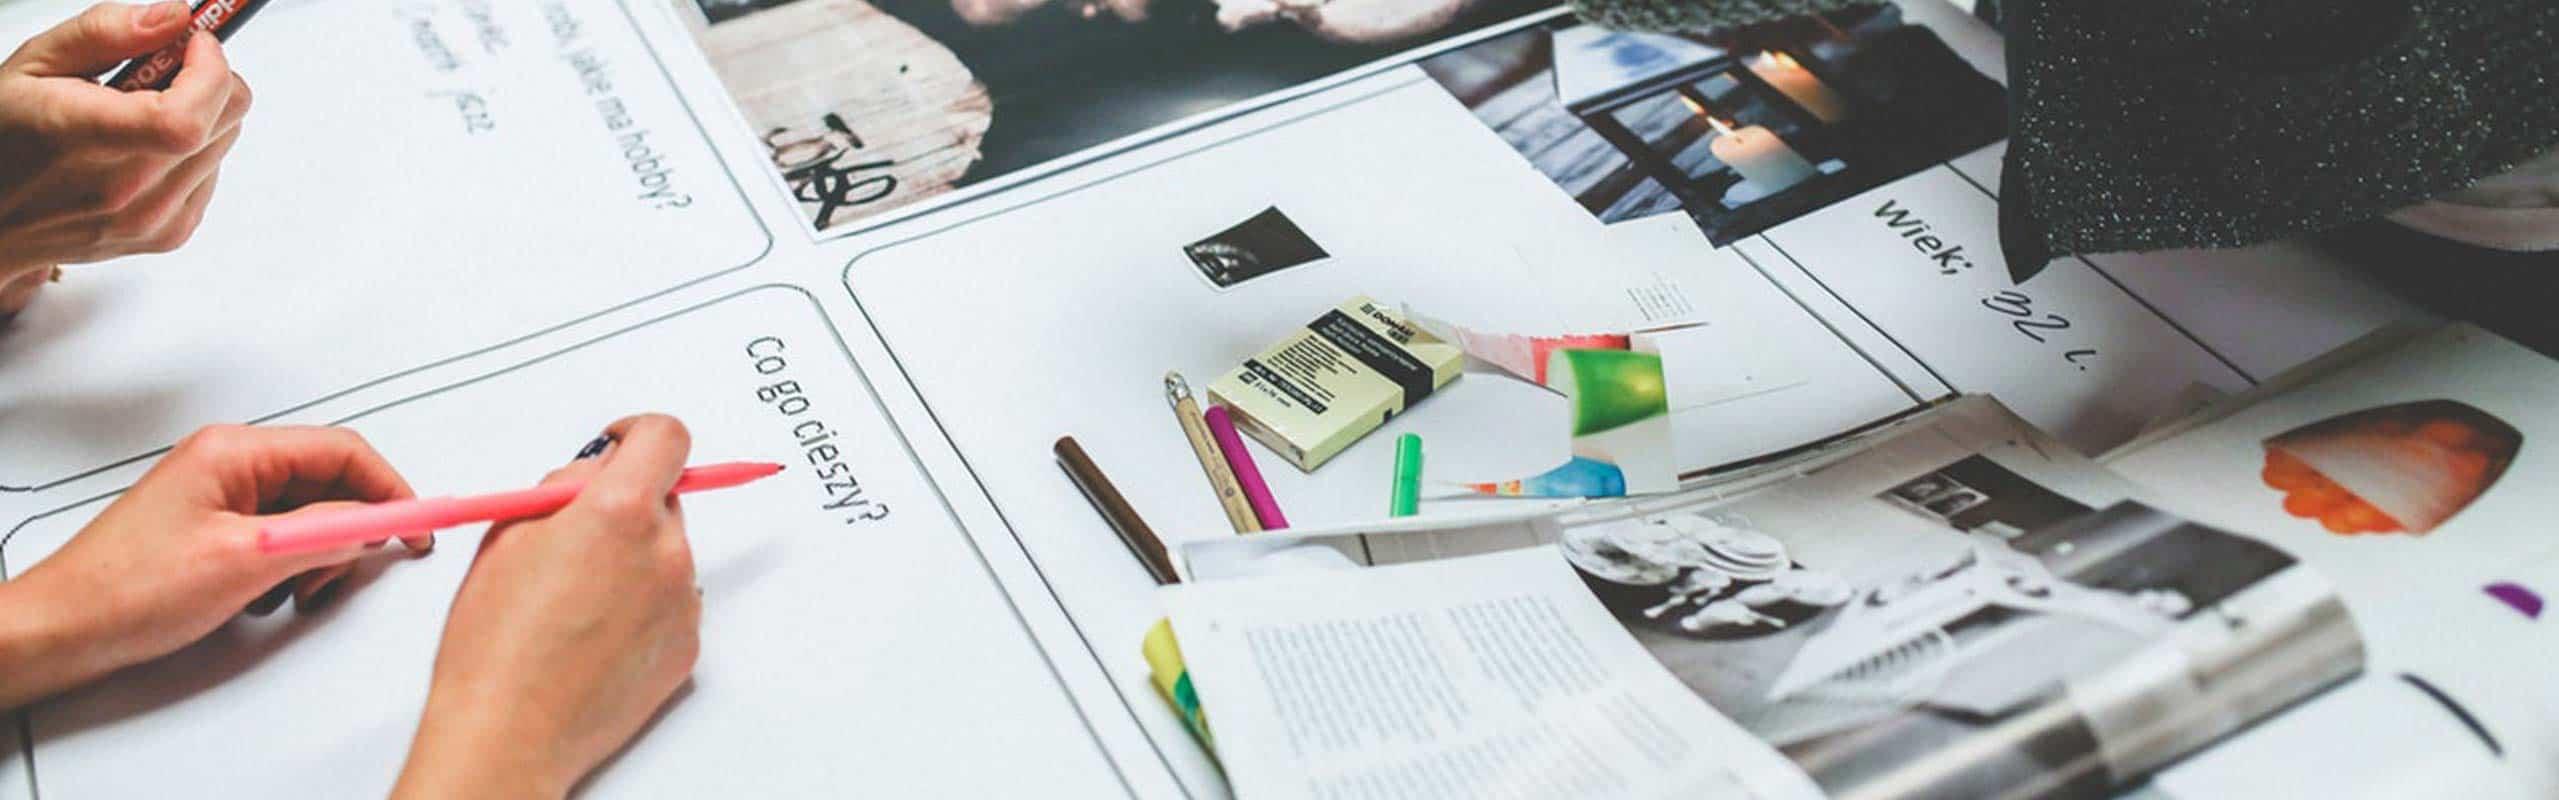 Descubre qué es un plan de marketing y sus funciones